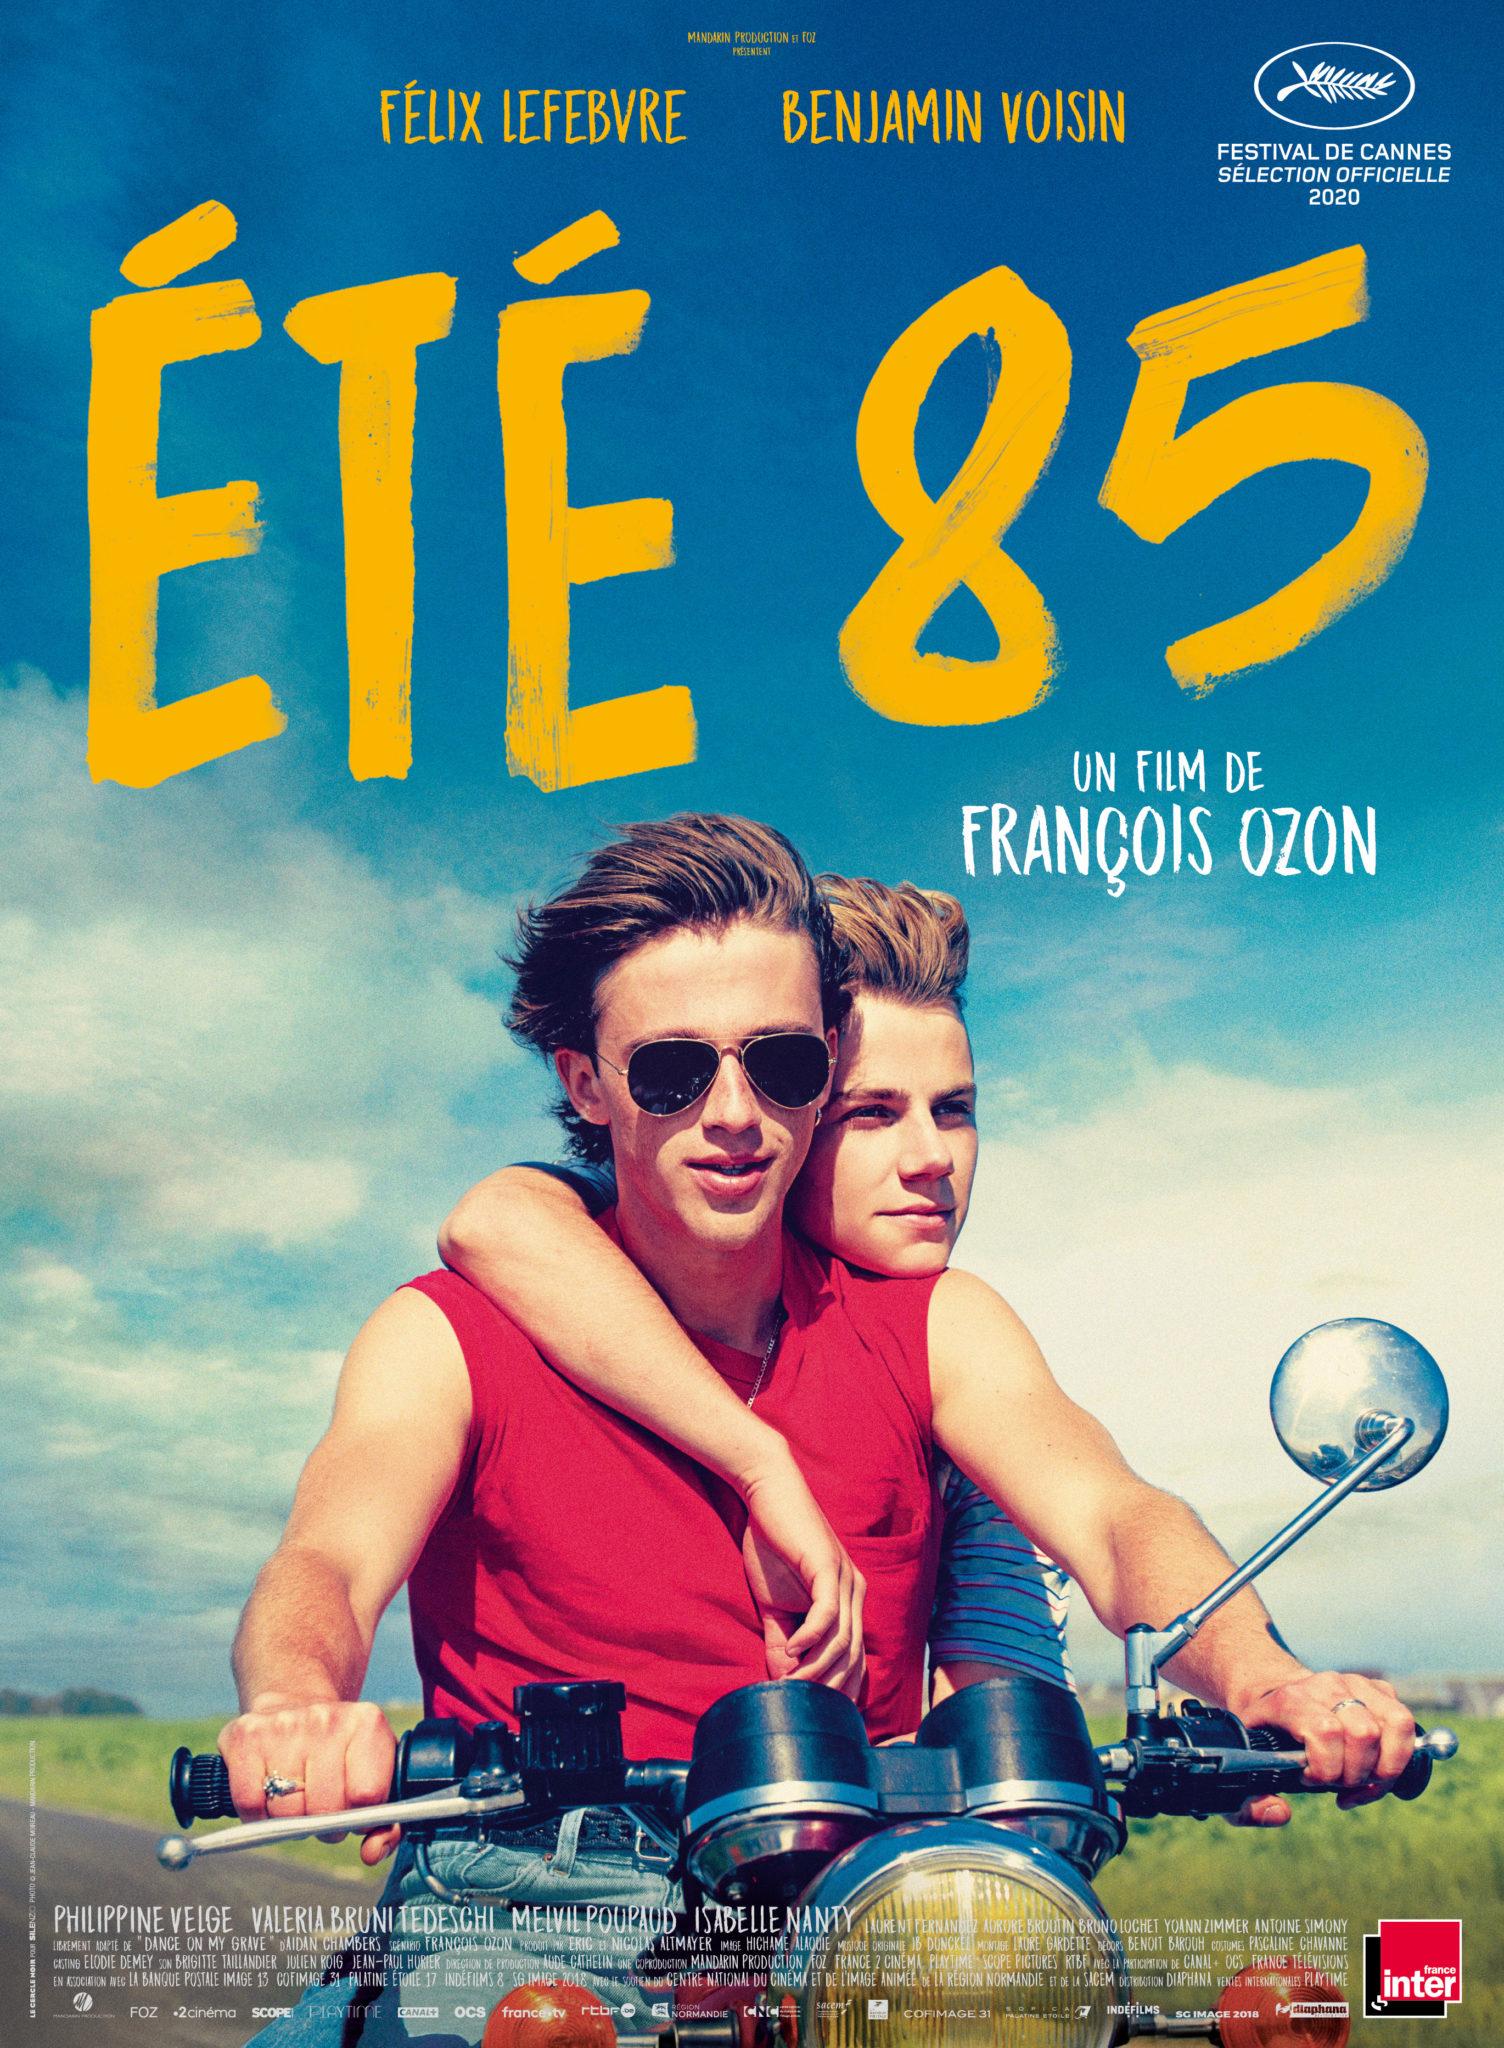 Été 85 film 2020 affiche Ozon